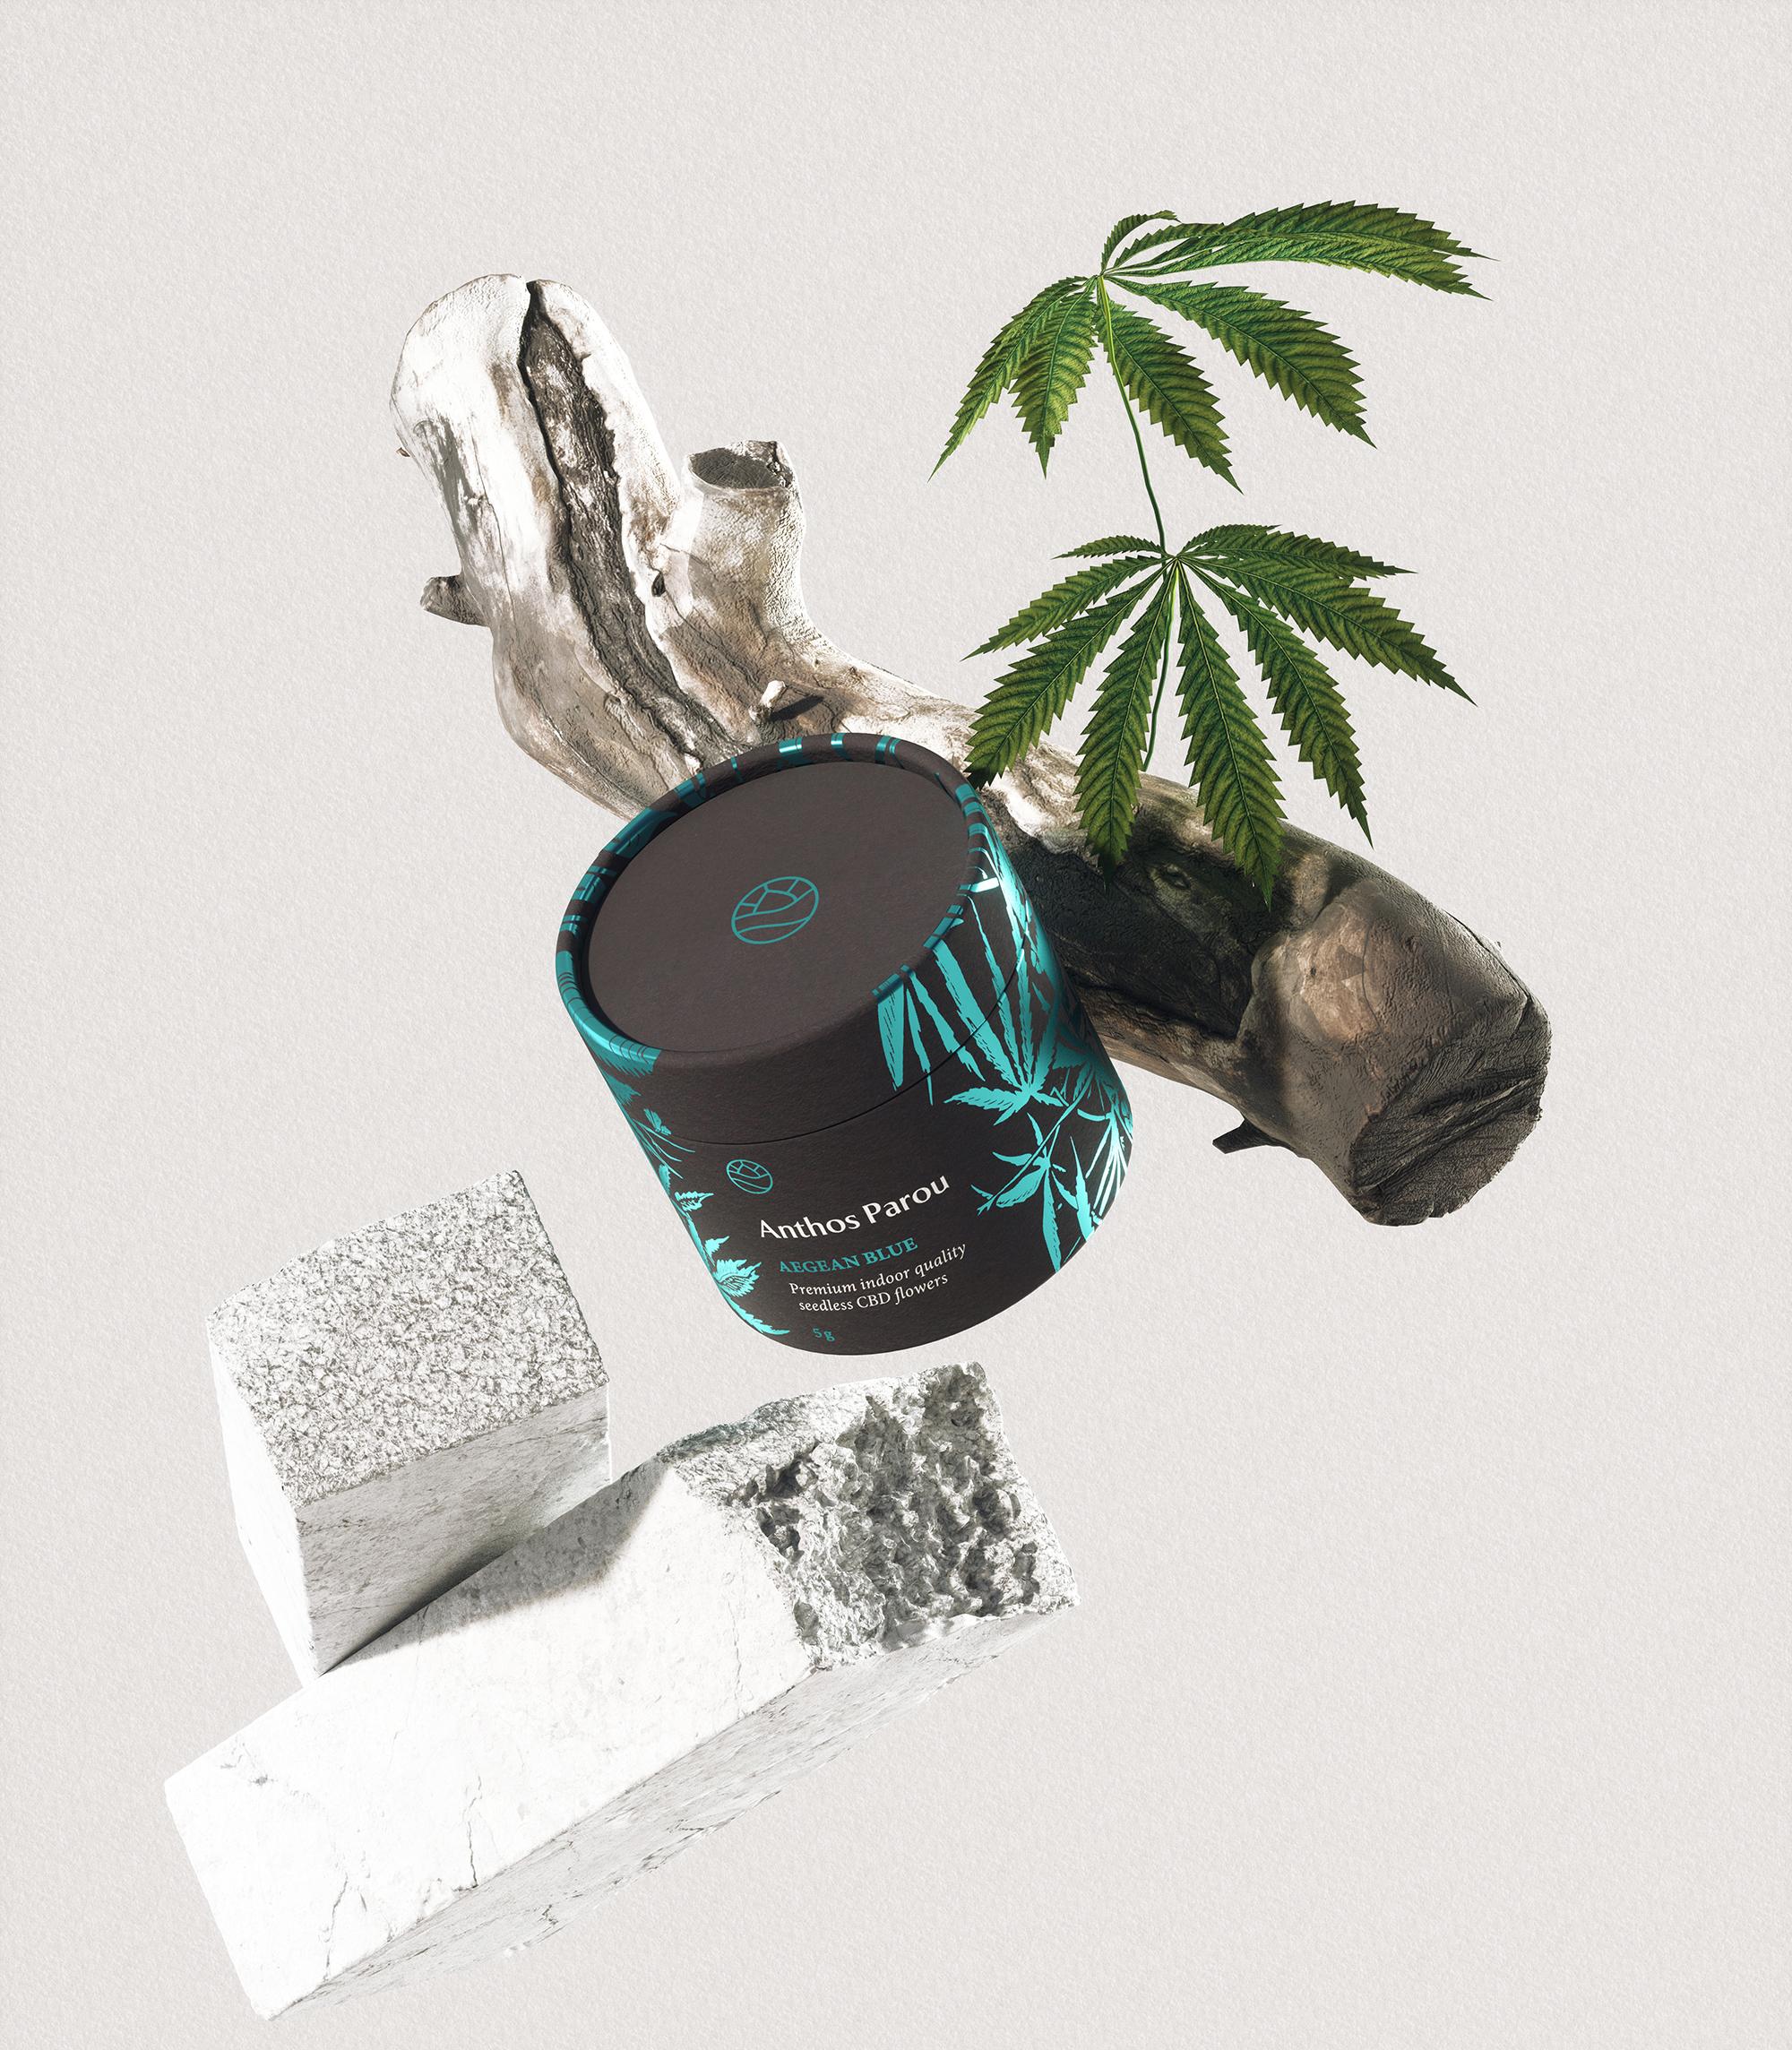 Anthos-Parou_Faze-Design_Styleframe_2